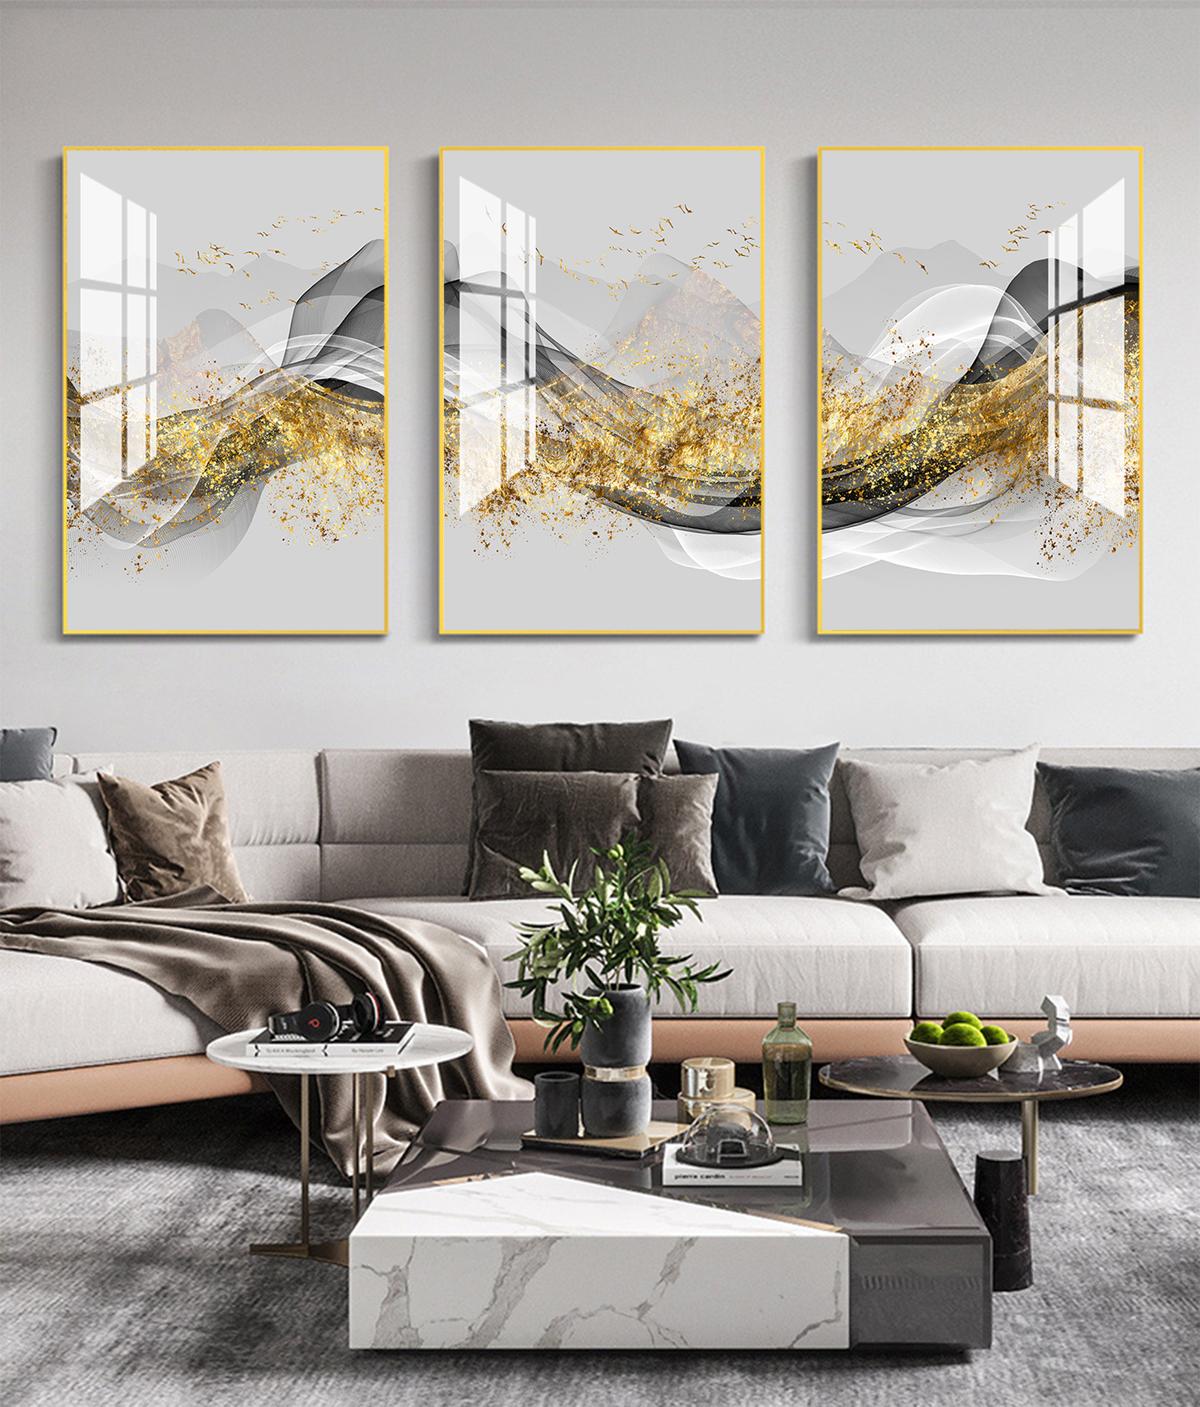 Tranh treo tường tráng gương pha lê cao cấp lụa vàng (40x60x3cm) - Đen 599.000đ(- 46 %)Tranh trang trí nhà ở là bí quyết hoàn hảo giúp bạn thay đổi không gian sống một cách nhanh chóng và dễ dàng, mà vẫn đảm bảo tính thẩm mỹ và sáng tạo.Bề mặt tranh phủ bóng tráng gương sang trọng chống nước giữ màu sắc tươi sáng vĩnh viễnCông nghệ in UV cao cấp hình ảnh tranh chân thực sắc nét lôi cuốnSố lượng: 03 tấmKích thước: 40x60x3cmDễ dàng tháo lắp, không cần khoan đục tườngSản phẩm thích hợp để trang trí nội thất hoặc làm quà tặng